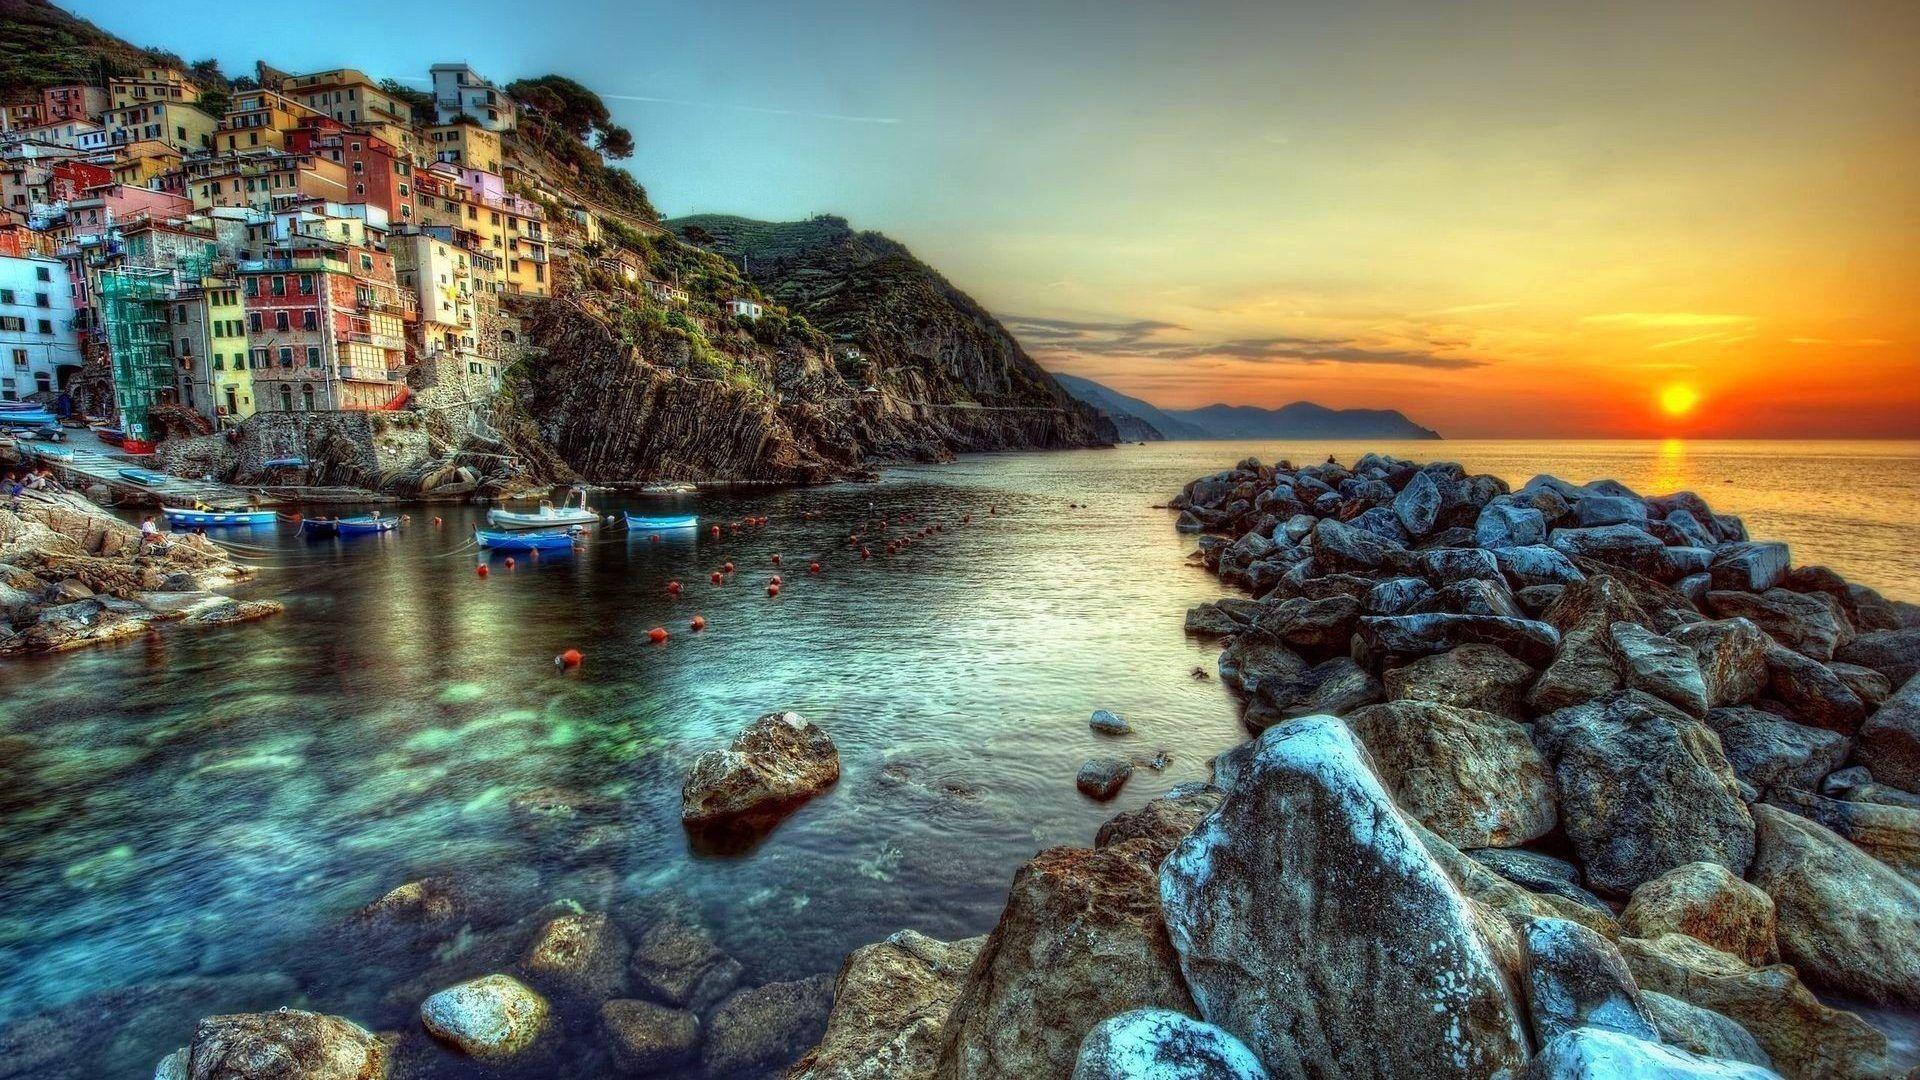 Amalfi Wallpapers Wallpaper Cave